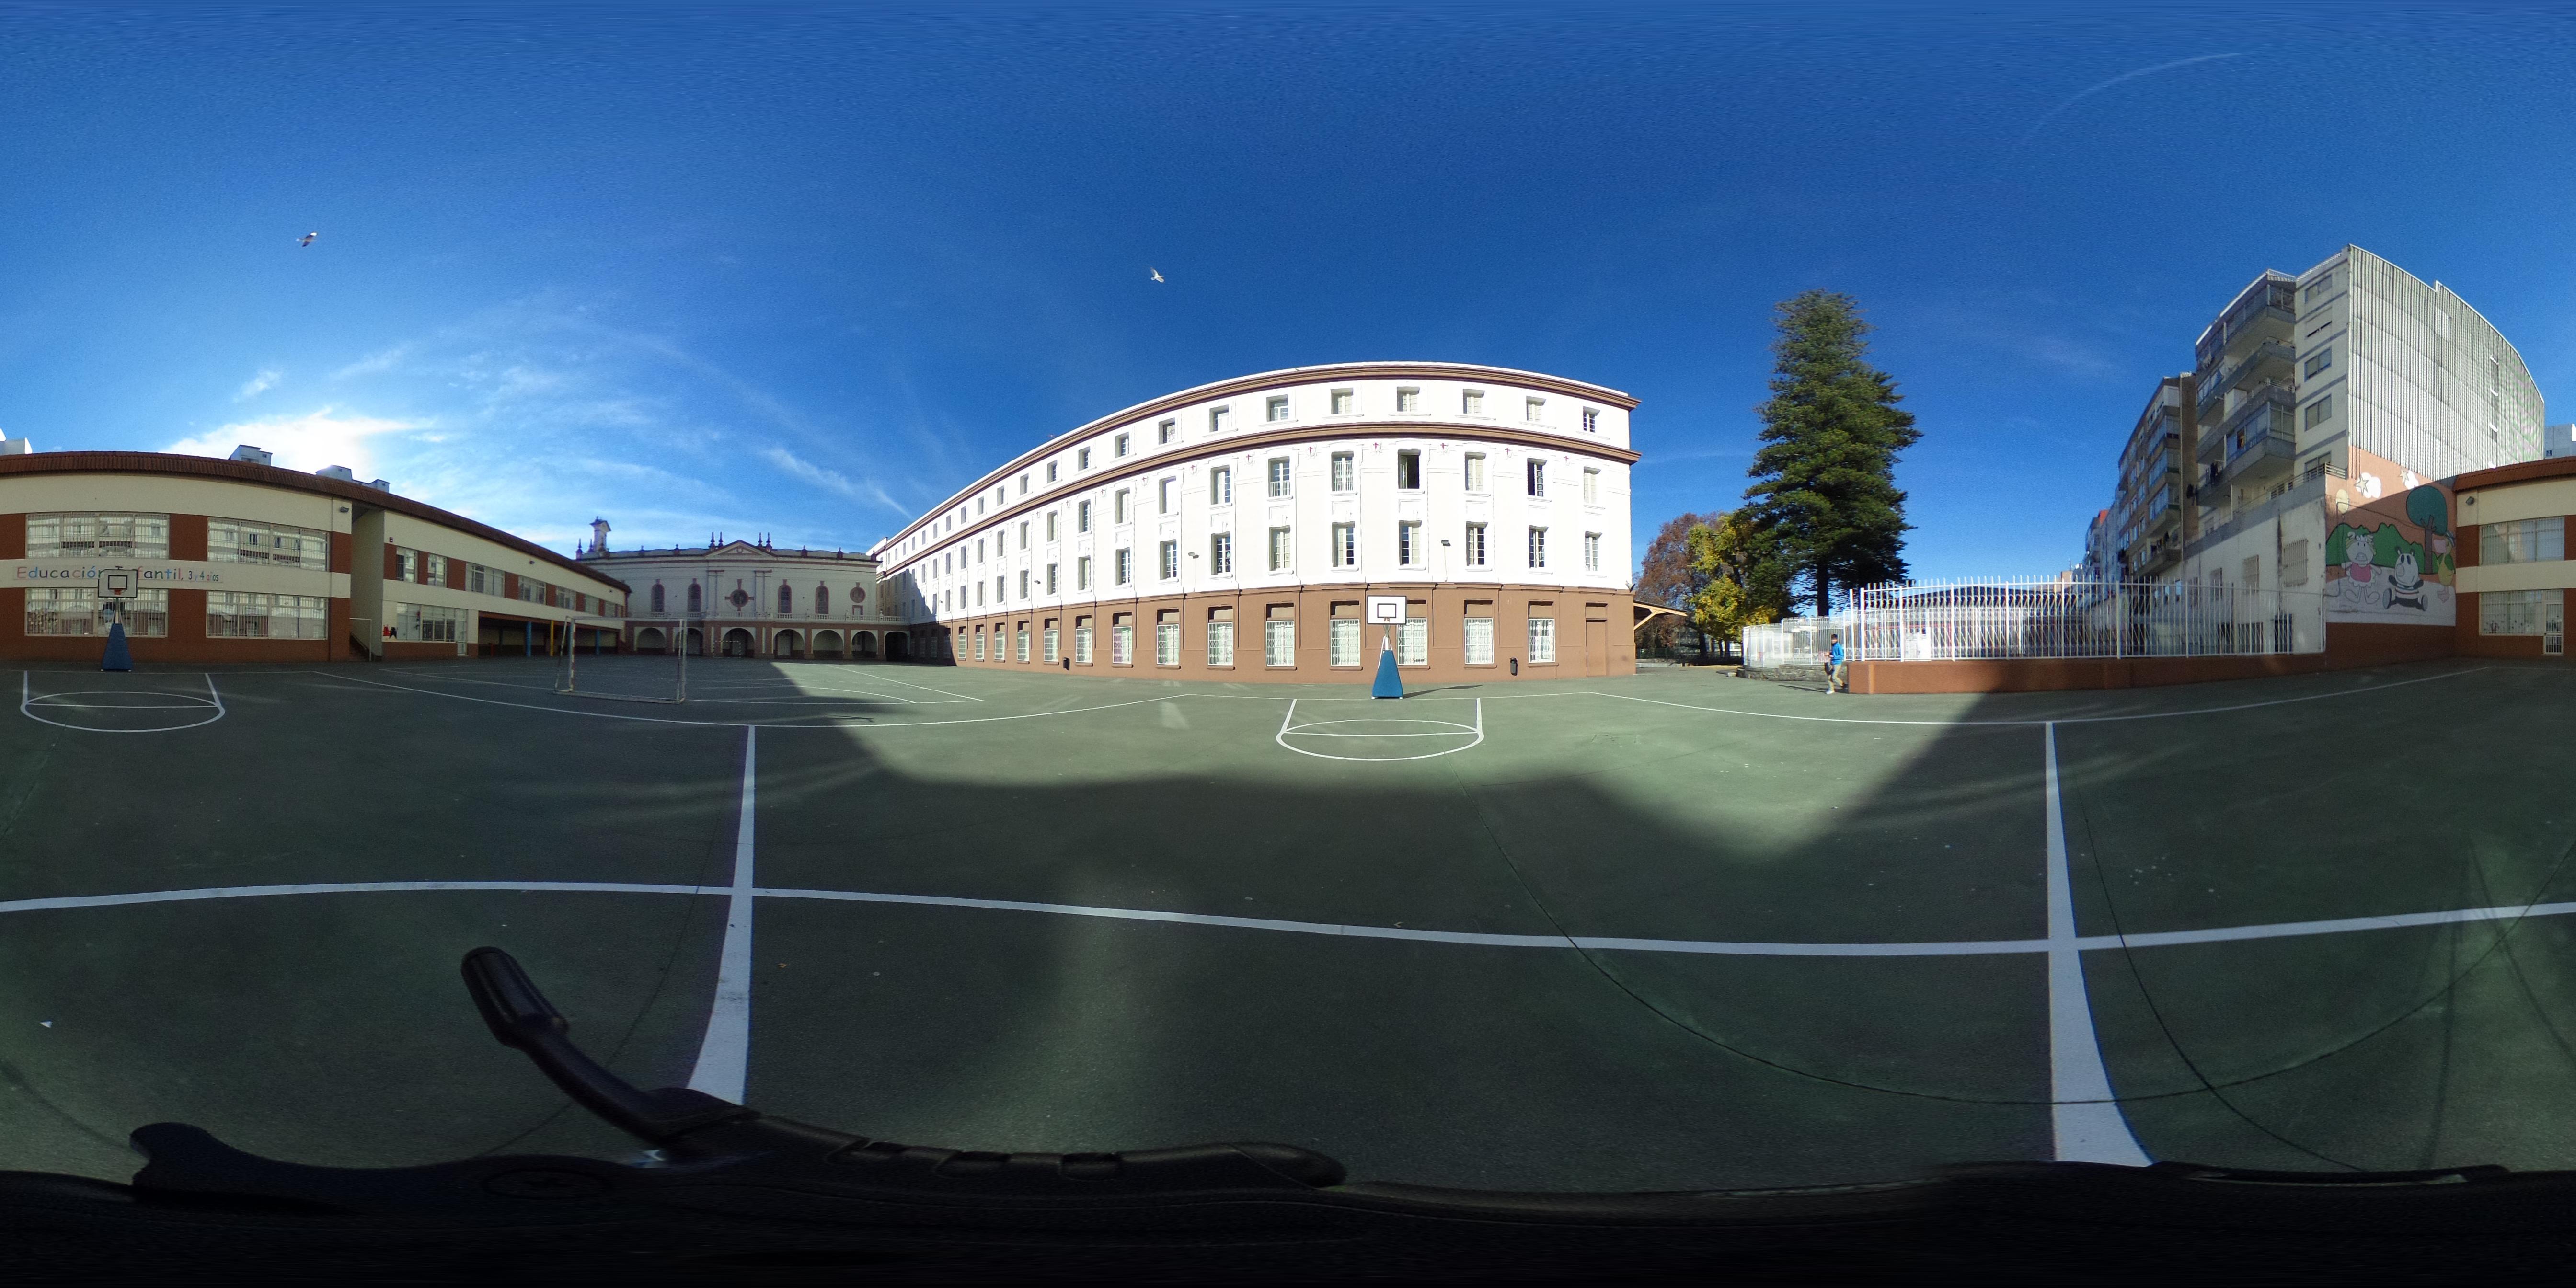 Campo de fútbol, edificio de infantil, igrexa e edificio nobre